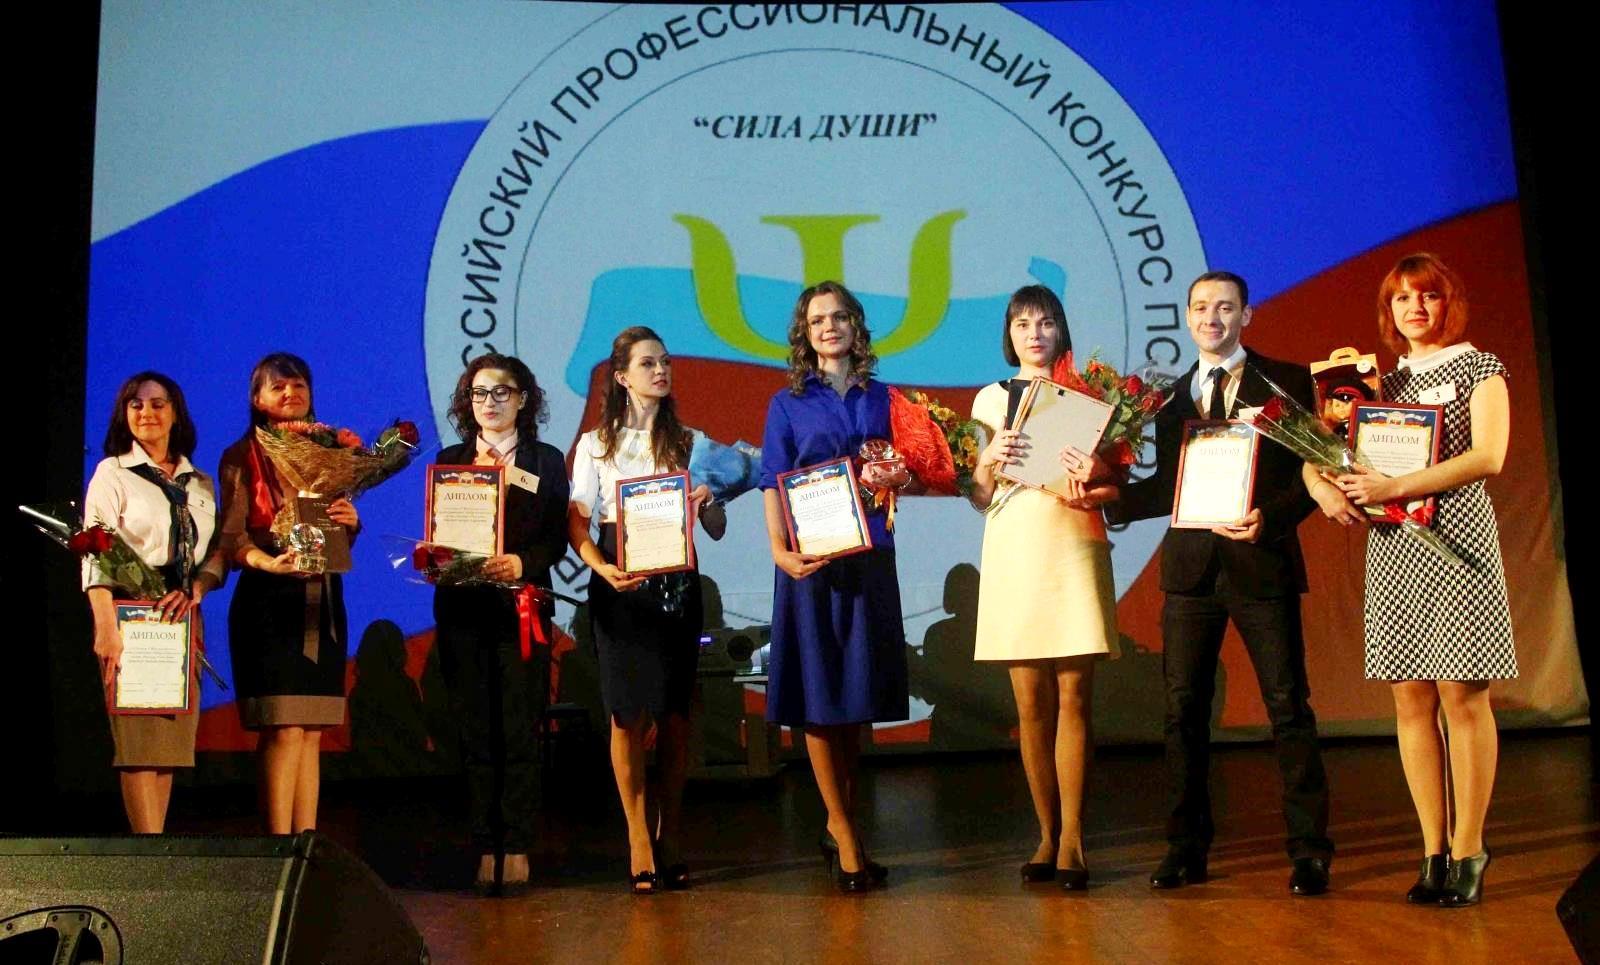 Поздравление на юбилей школы от выпускников сценка